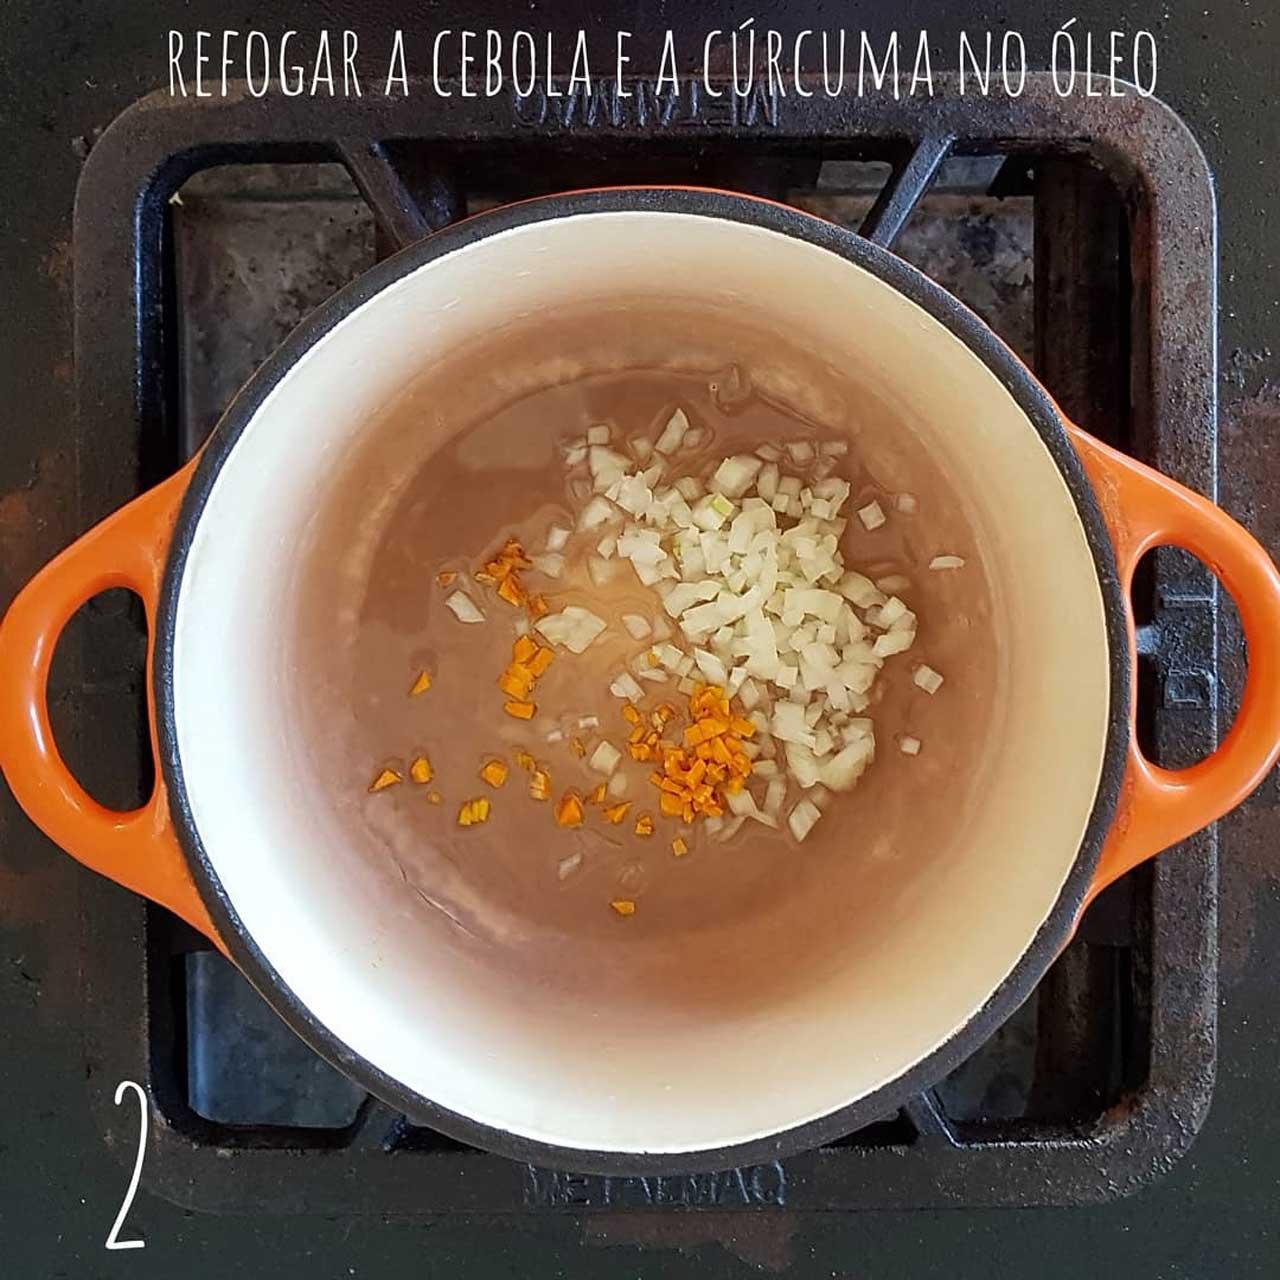 arroz-integral-com-linhaca-e-gergelim-02